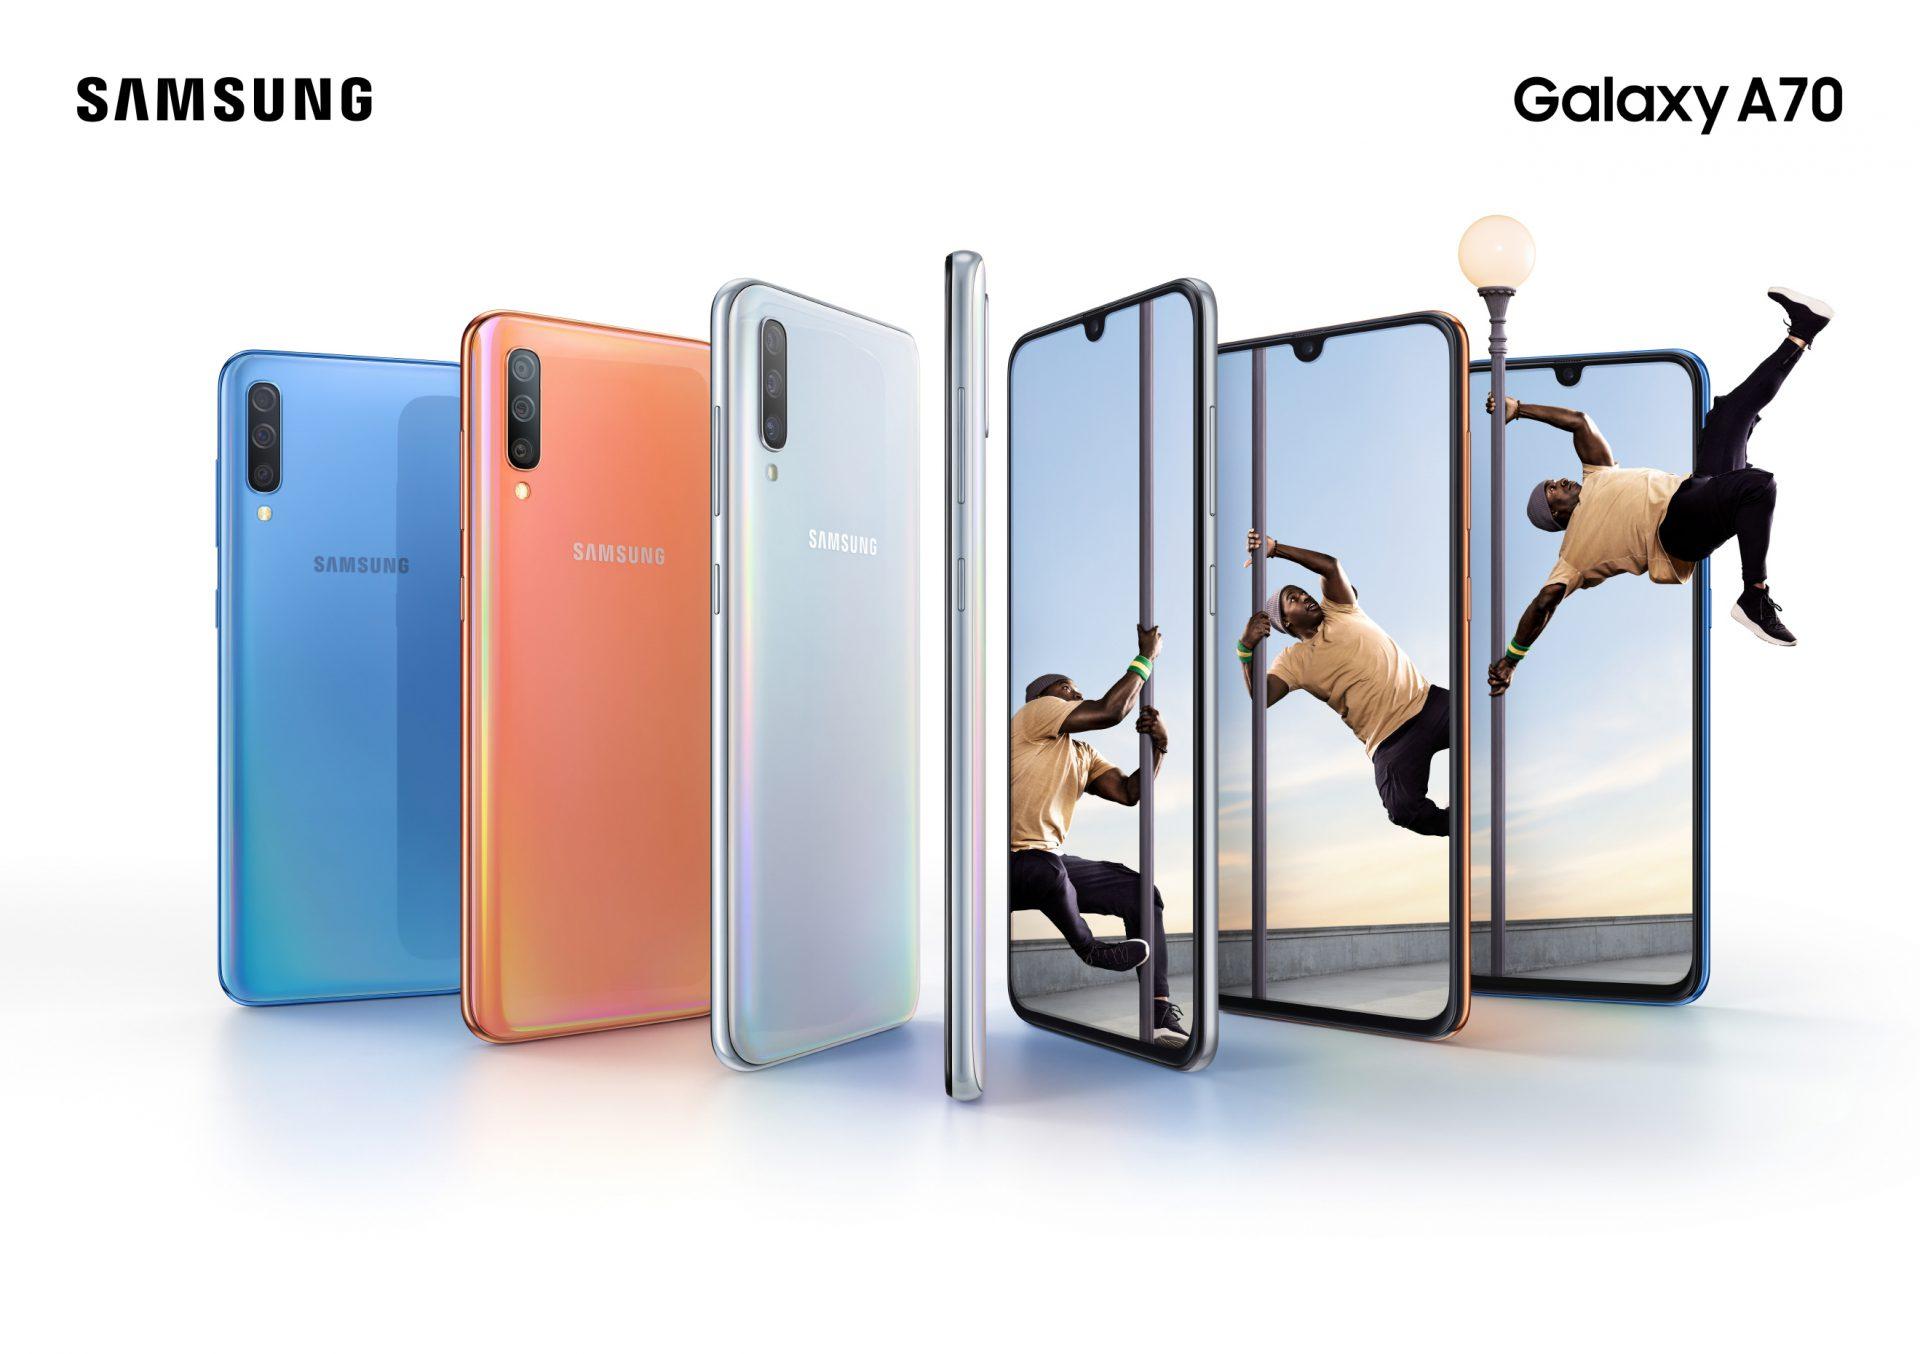 Samsung ra mắt Galaxy A70: sạc nhanh 25W, màn hình tỉ lệ 20:9, vân tay trong màn hình, 3 camera sau, bán ra từ 10/04